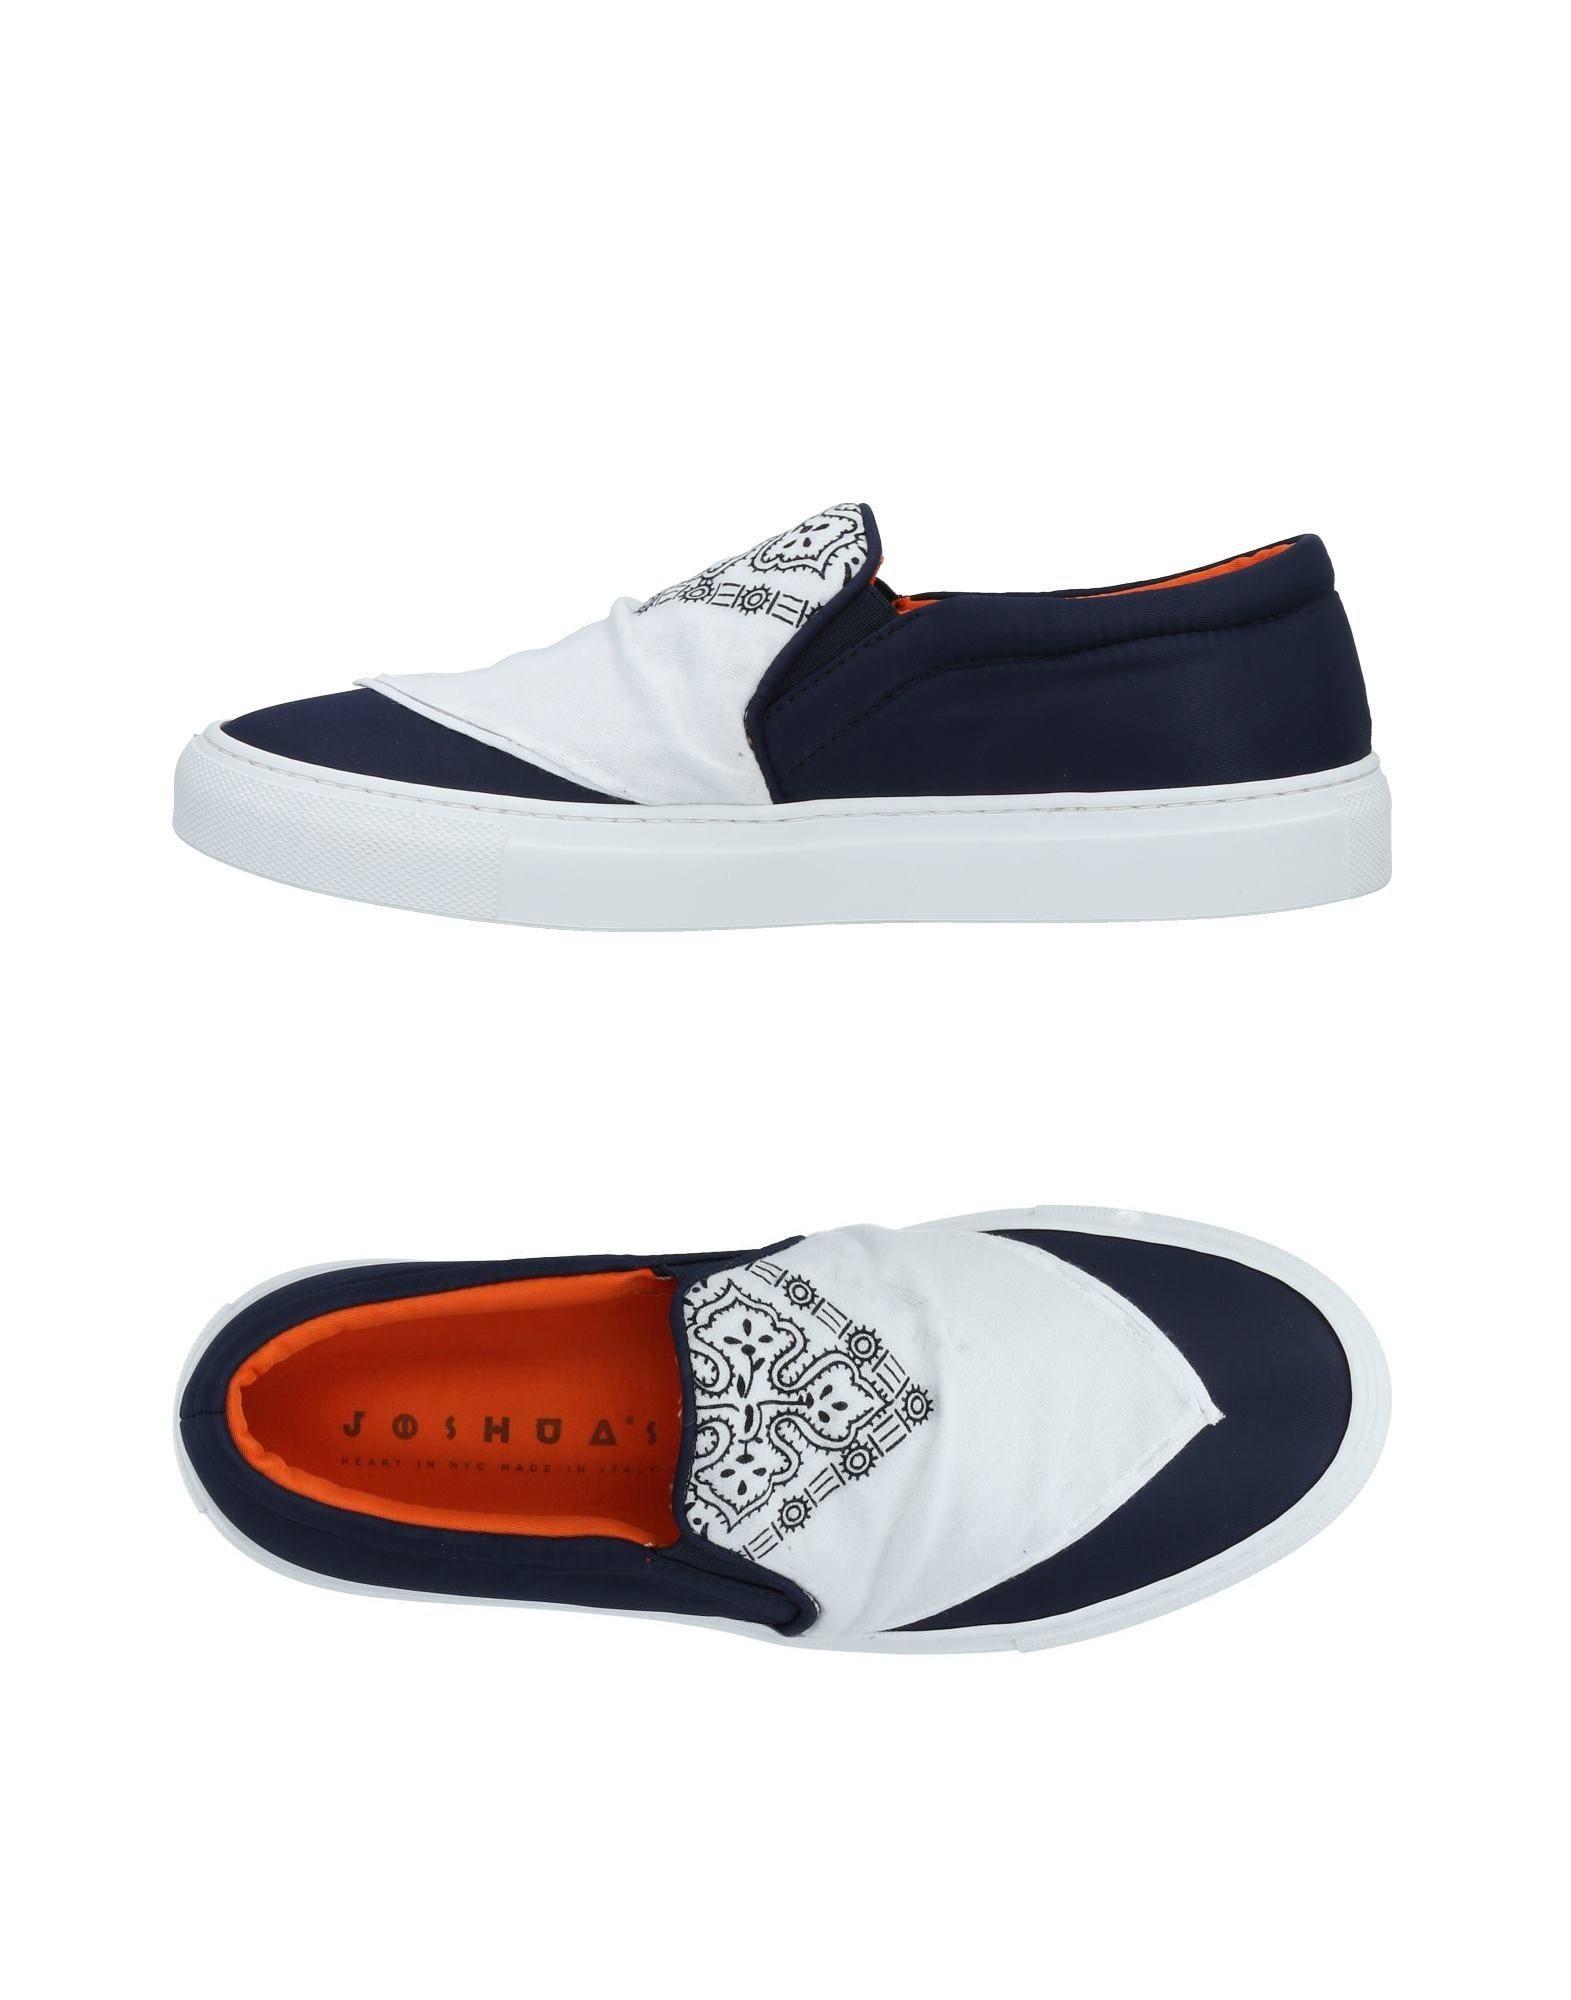 Scarpe economiche e resistenti Sneakers Joshua*S Donna - 11489322RF